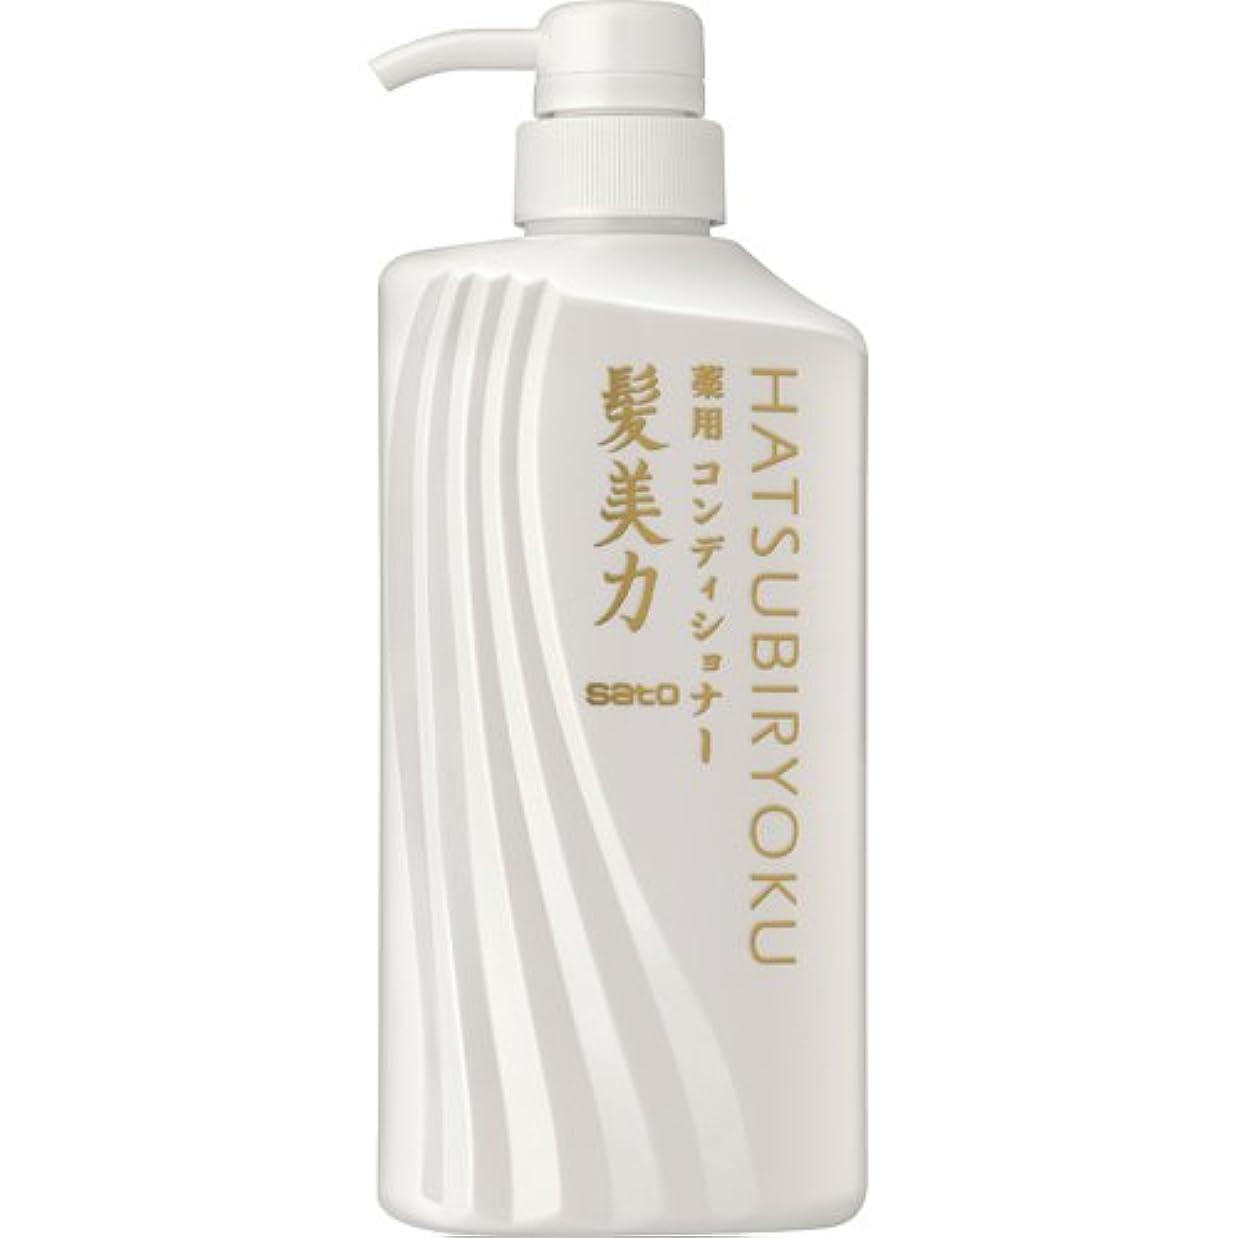 誇りハミングバード発掘する佐藤製薬 髪美力(はつびりょく) 薬用スカルプコンディショナー 500ml E418006H